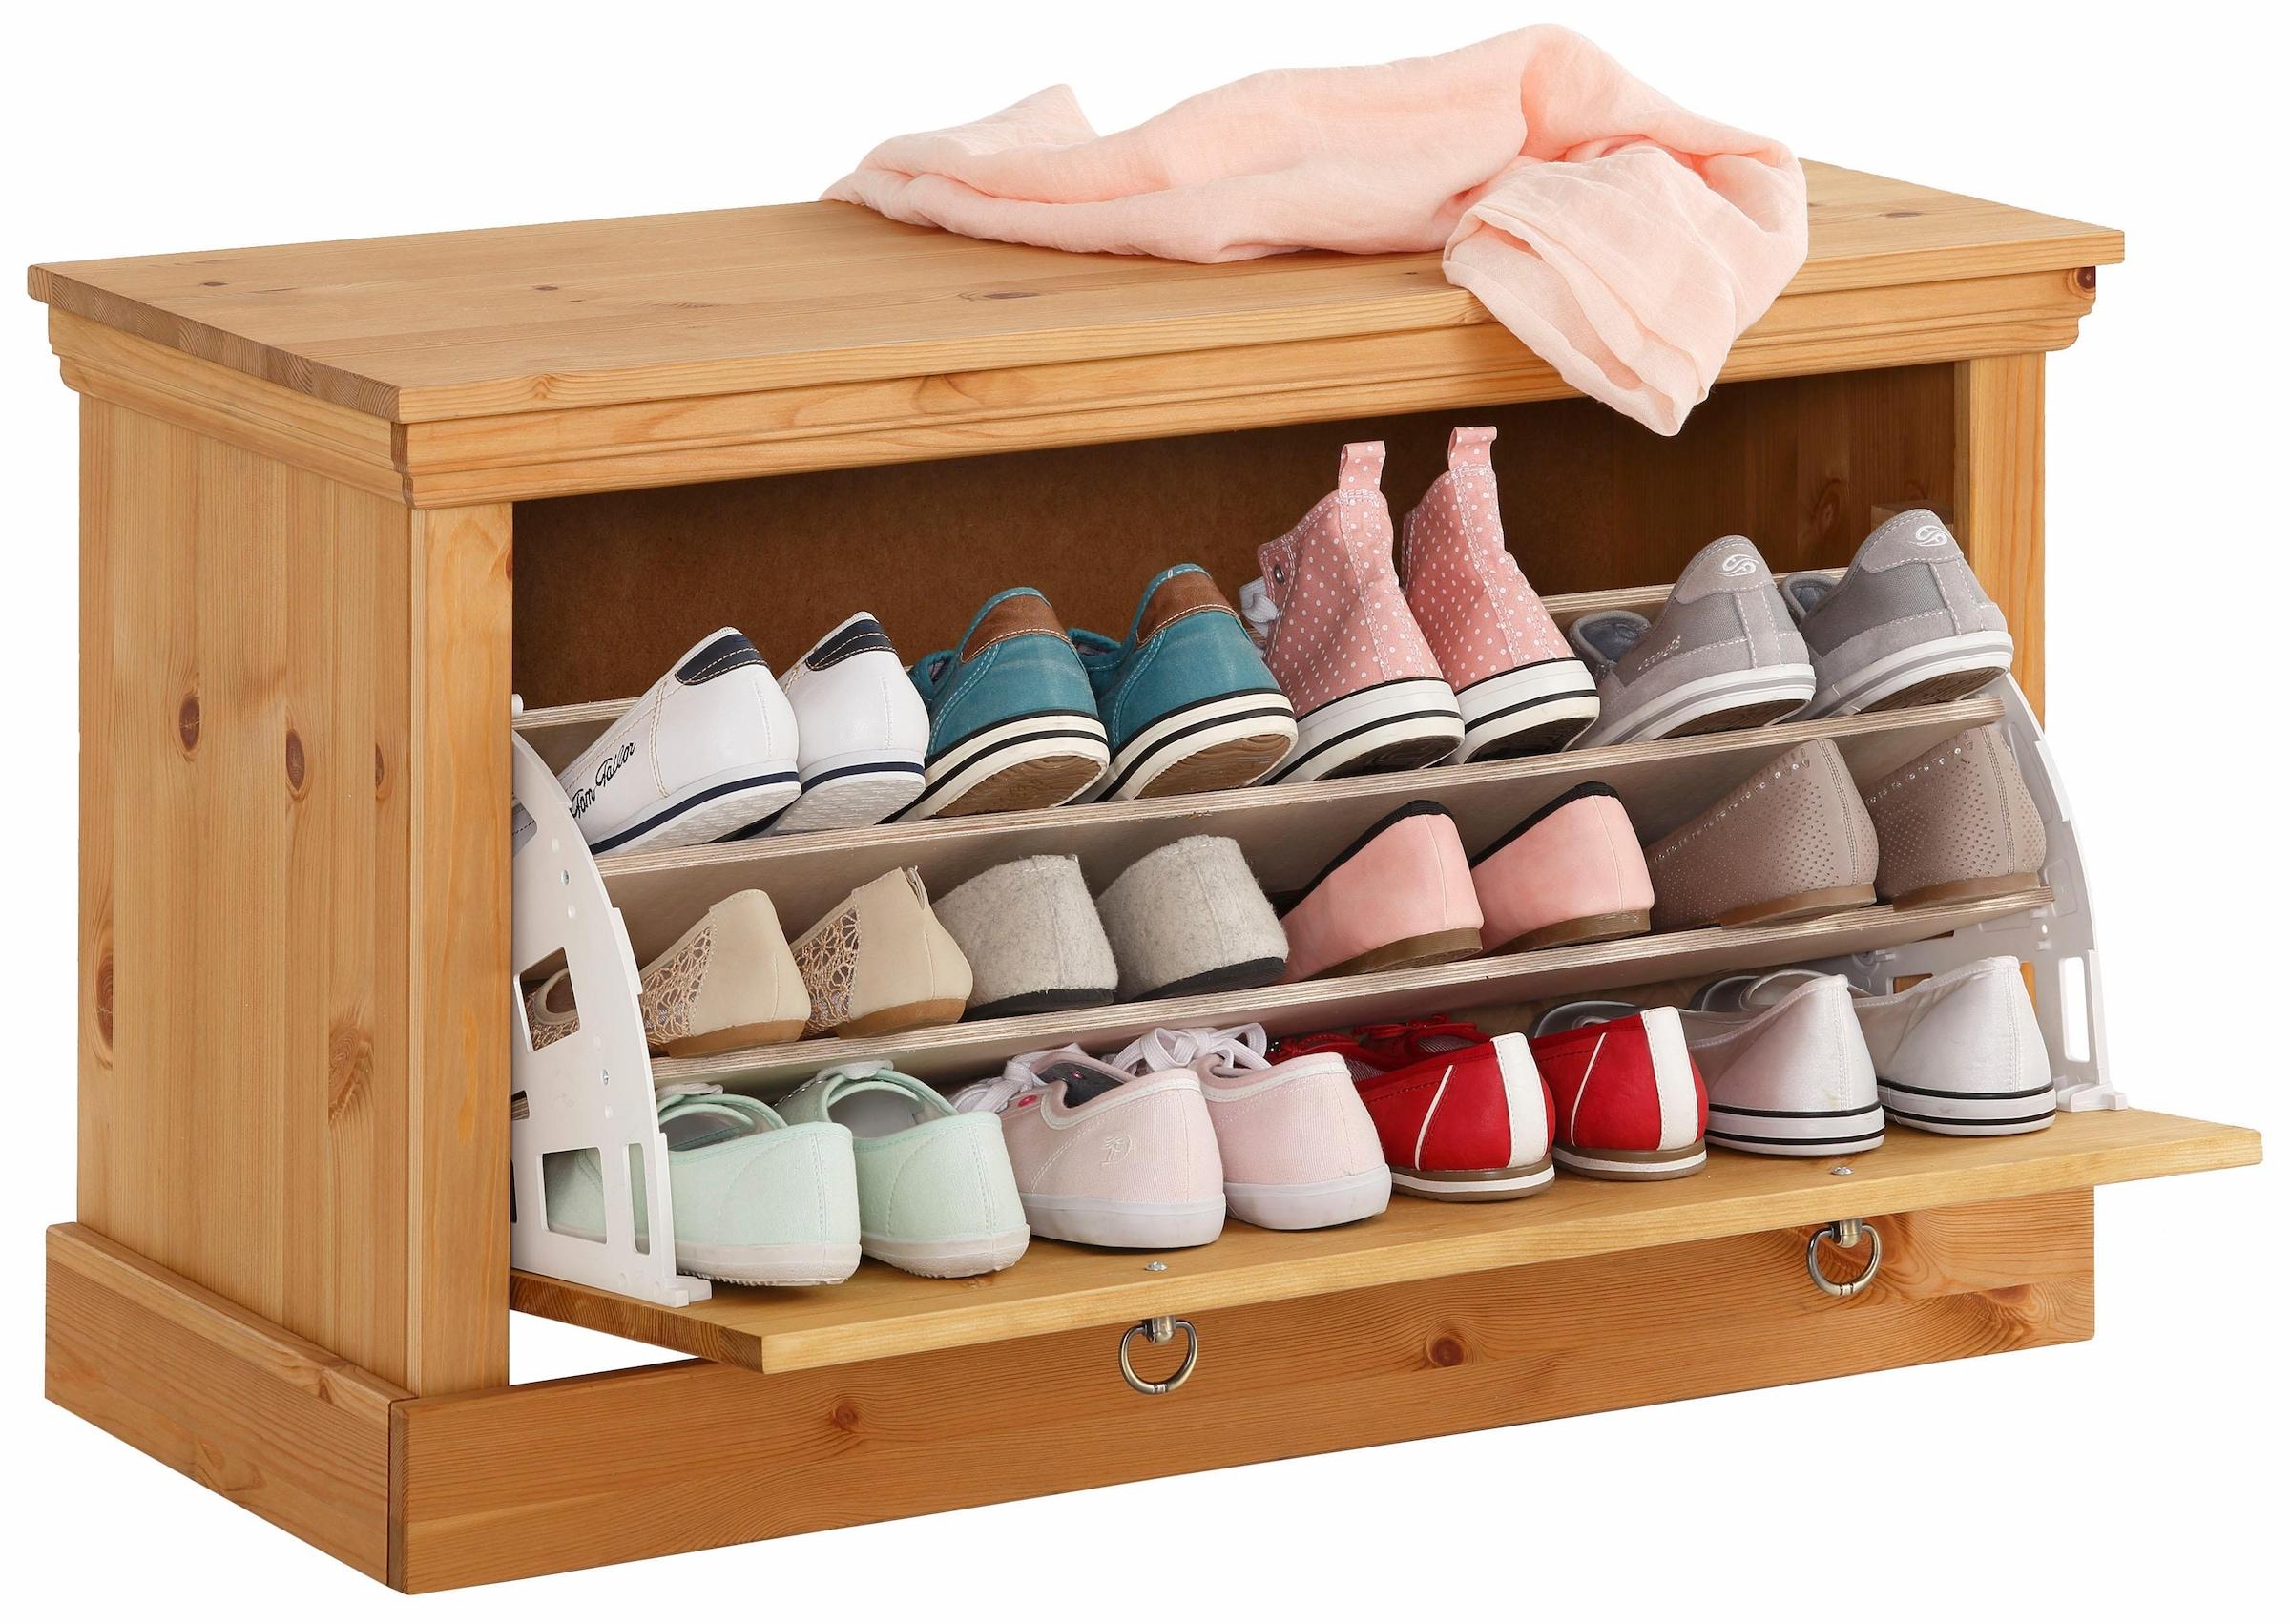 Schuhregal online kaufen möbel suchmaschine ladendirekt